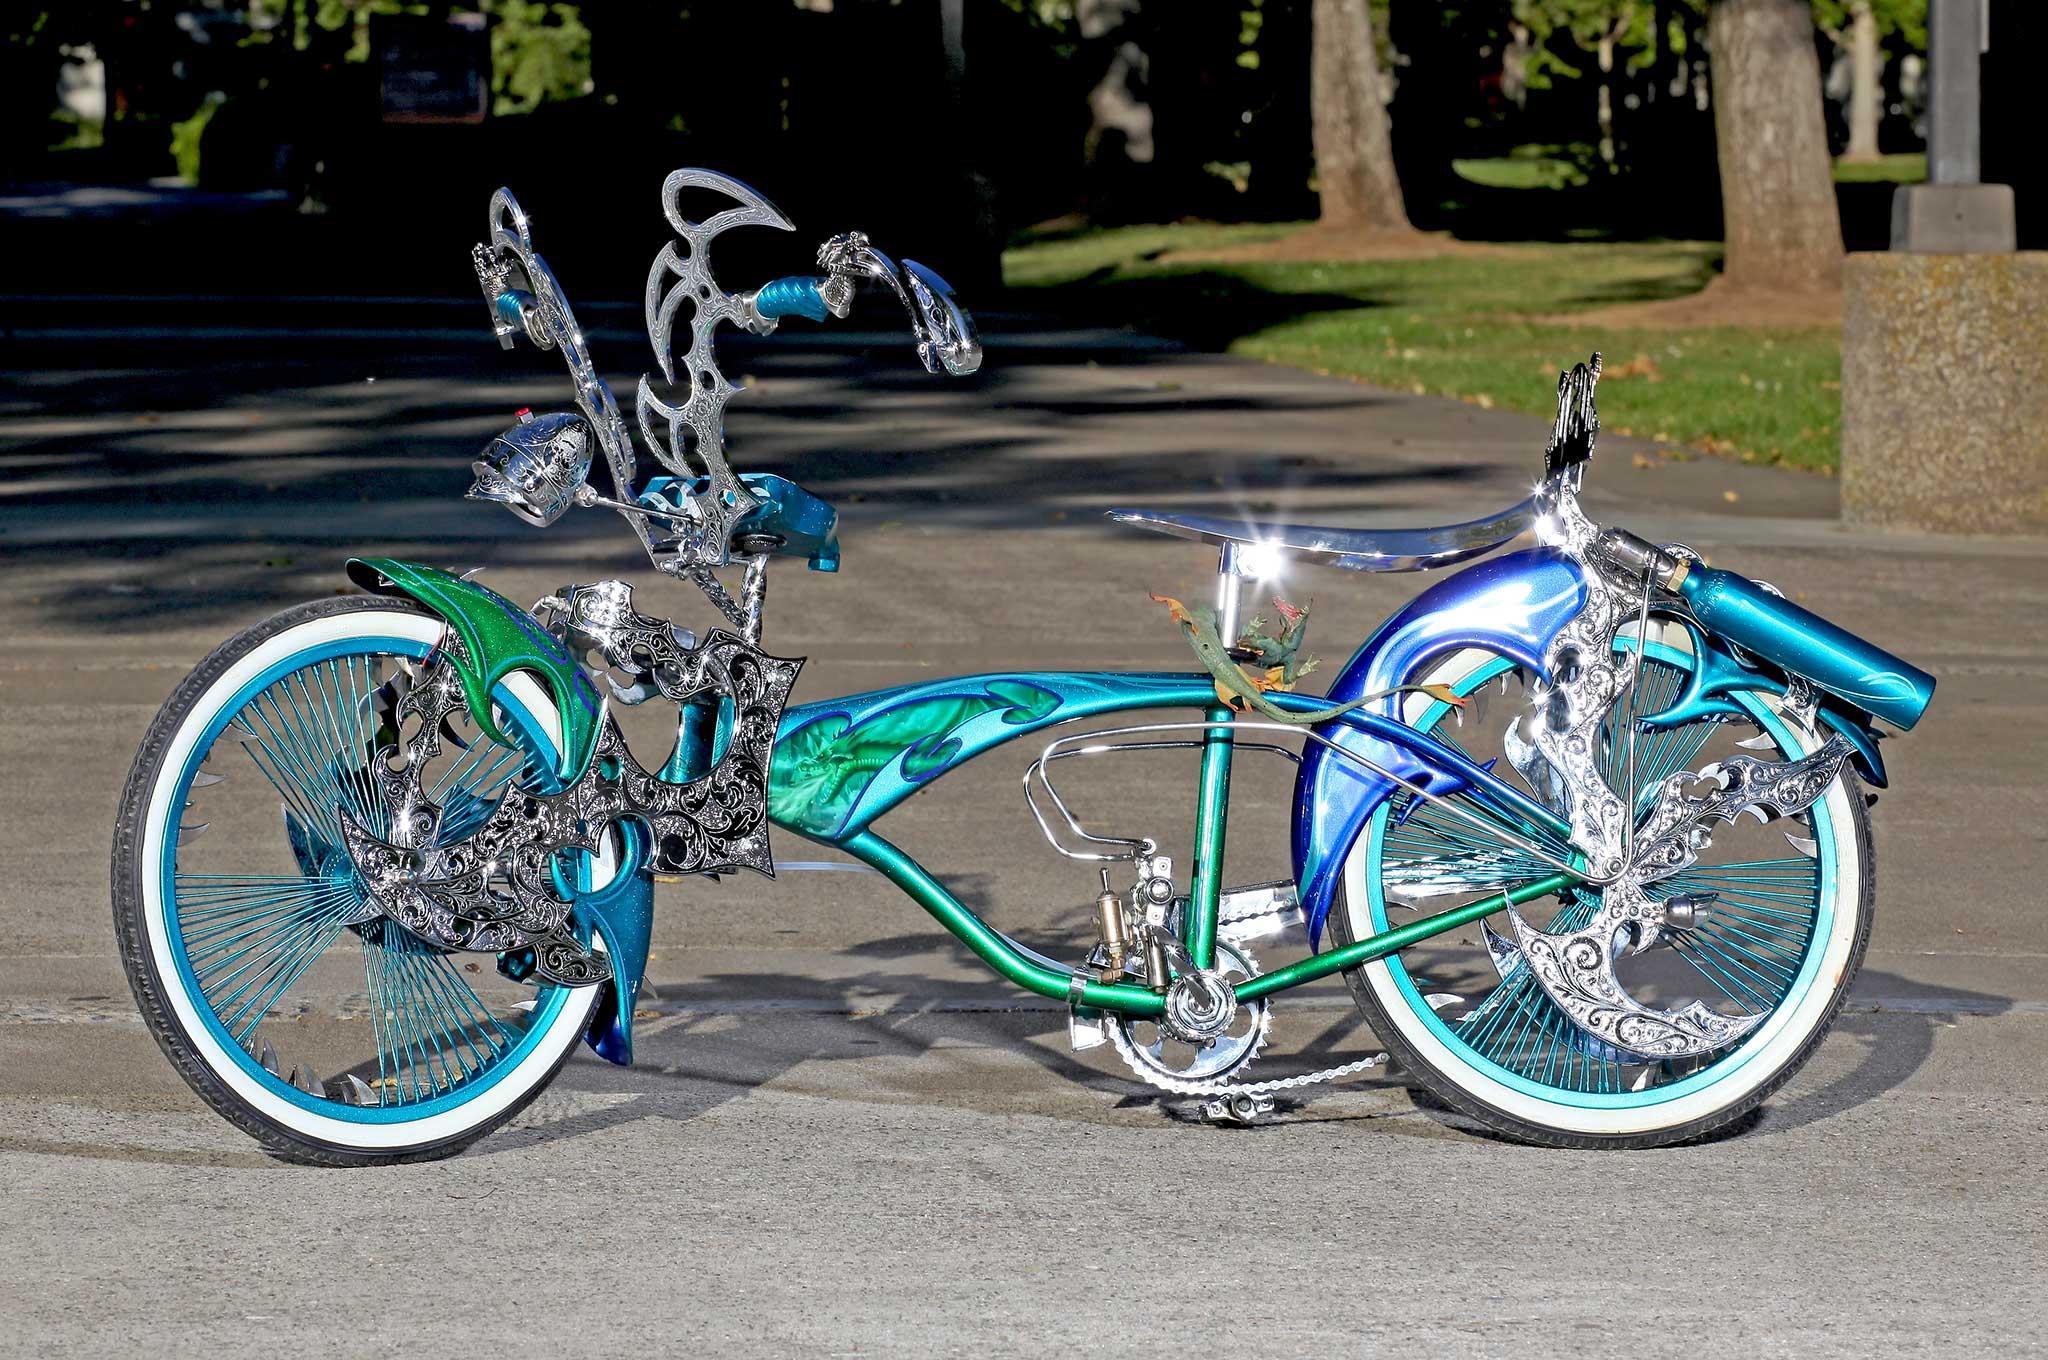 2000 aztlan bike side view 014